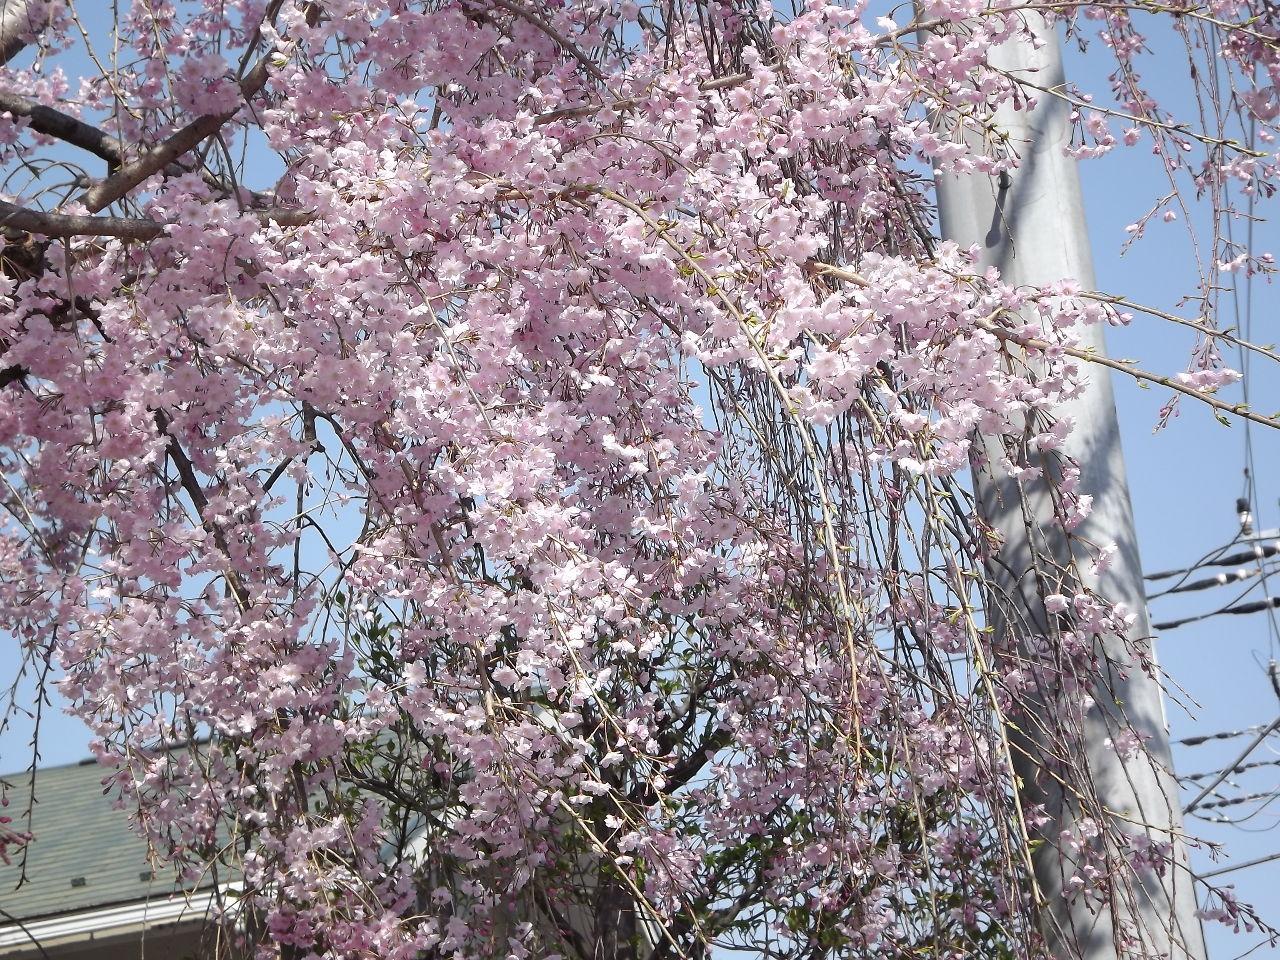 株・カフェ 今日は皆さん。 今日は良い天気で暖かな日になりましたね。 あの桜、御衣黄と言うのですね。露草さんあり